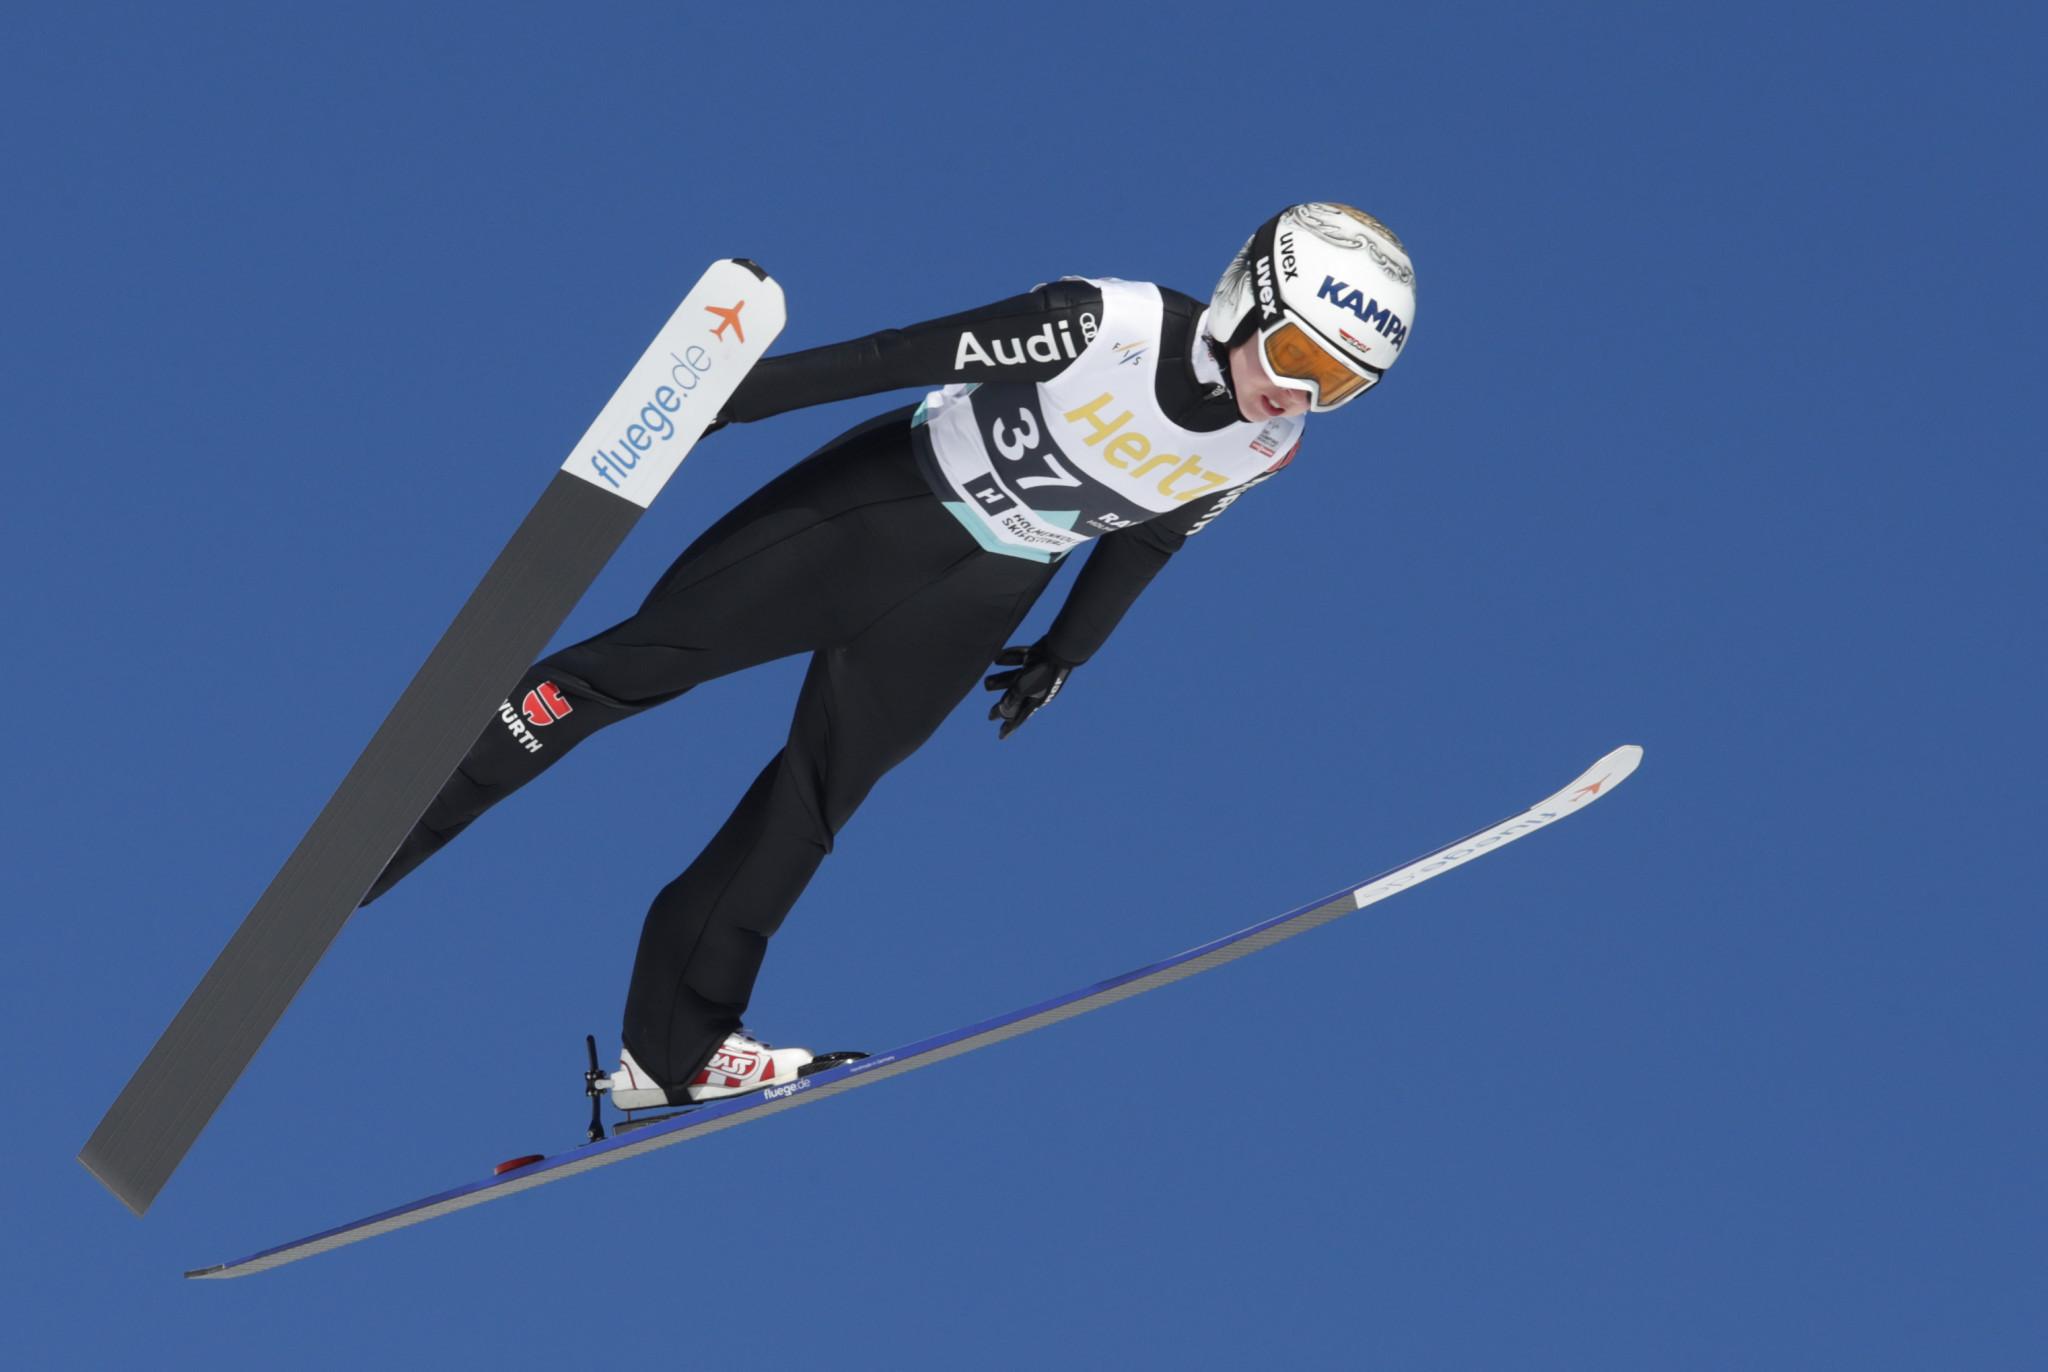 Juliane Seyfarth won her third successive women's World Cup event ©Getty Images